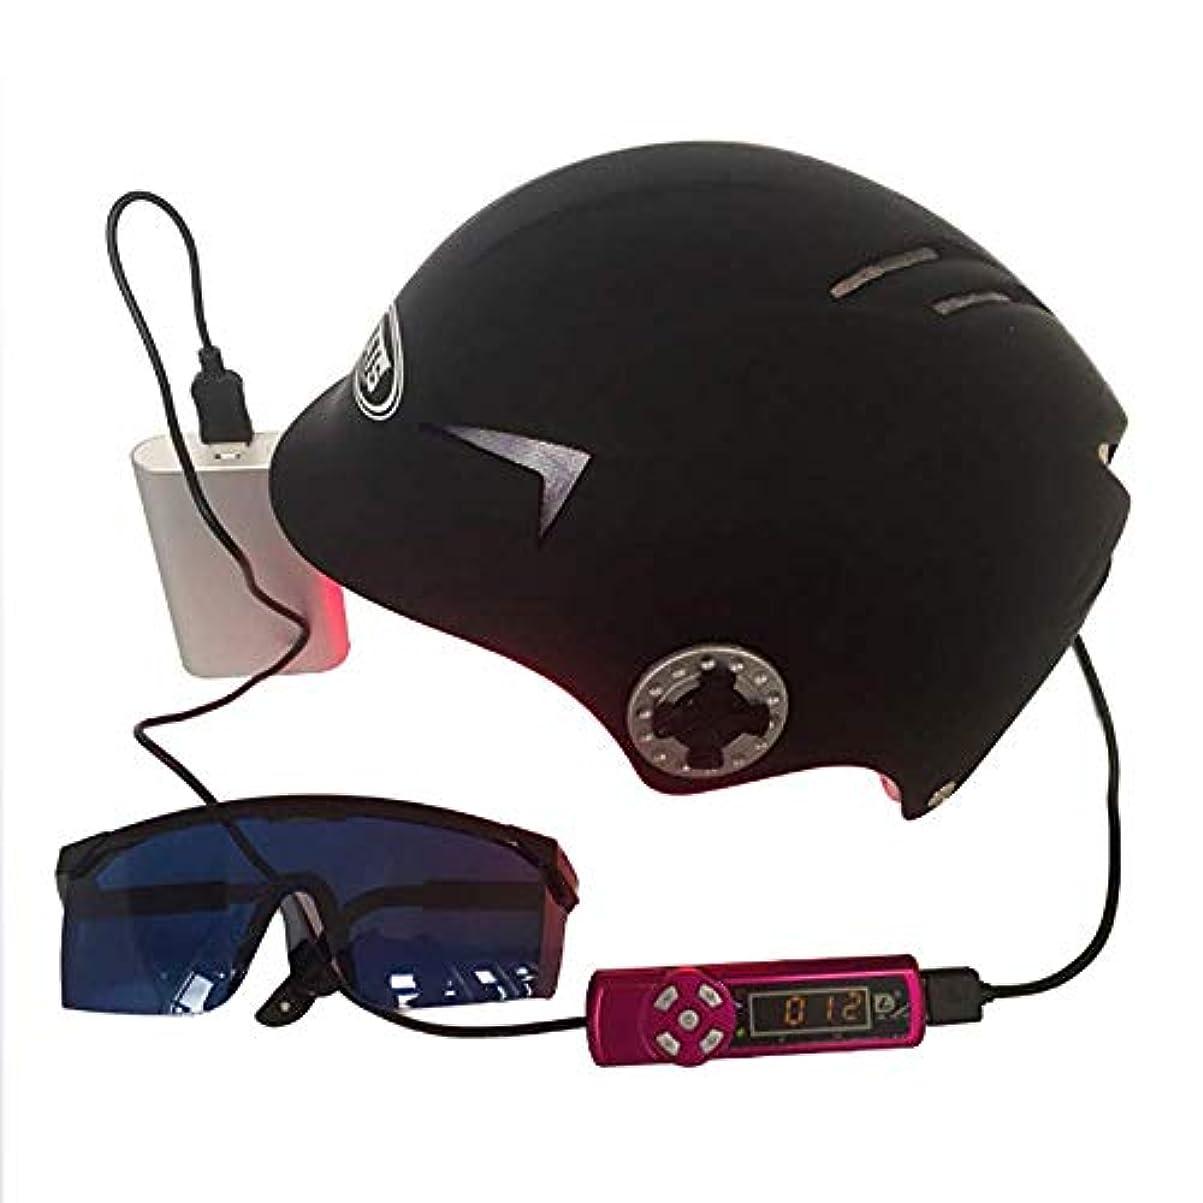 導出適応的グローブ育毛ヘルメット急成長脱毛ソリューション男性と女性のダイオード治療ヘア帽子,64